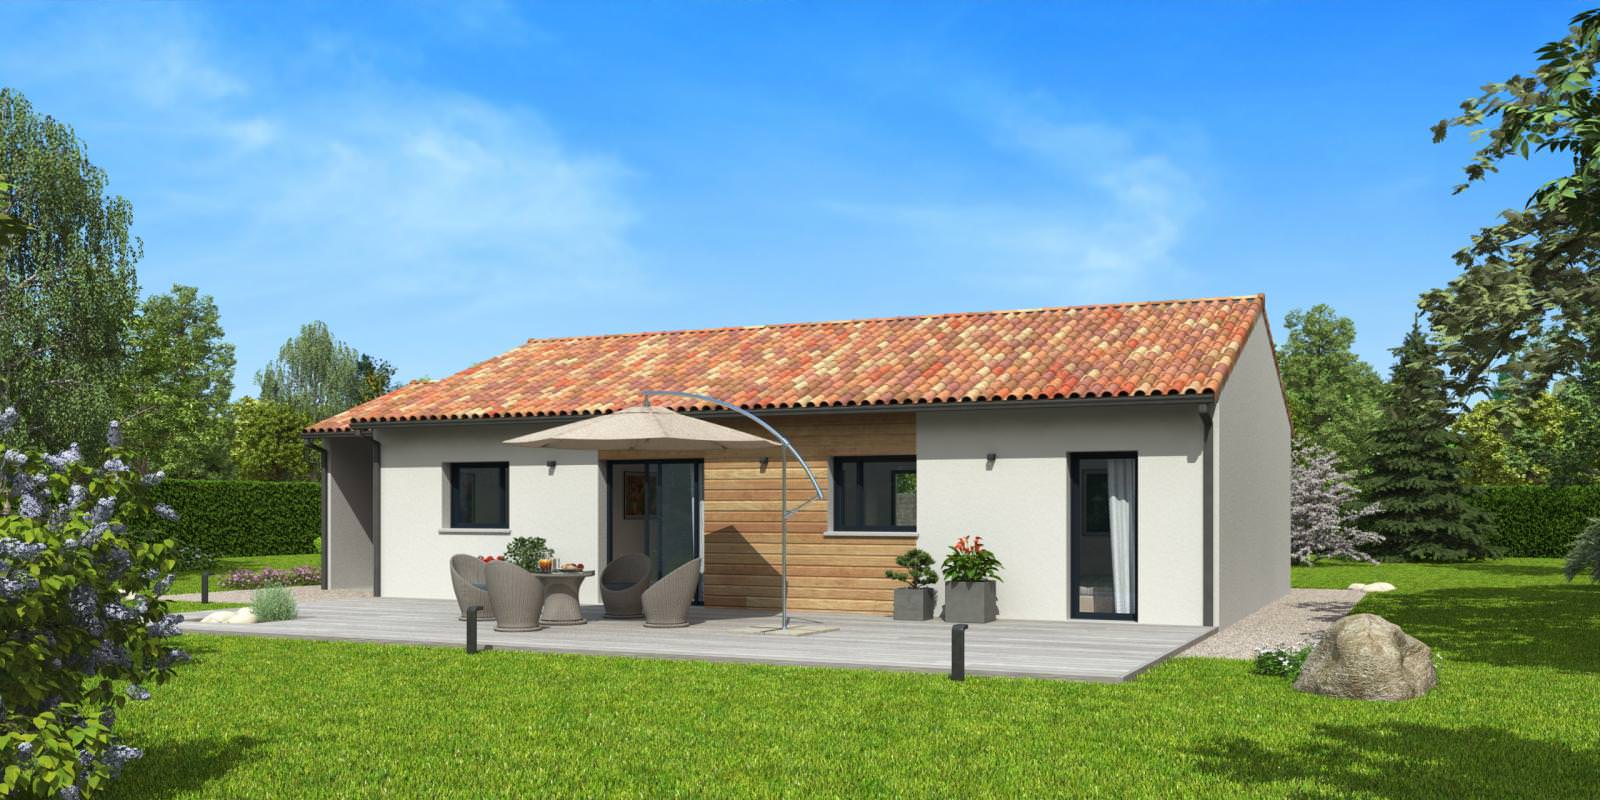 Maison individuelle top maison for Devis maison individuelle